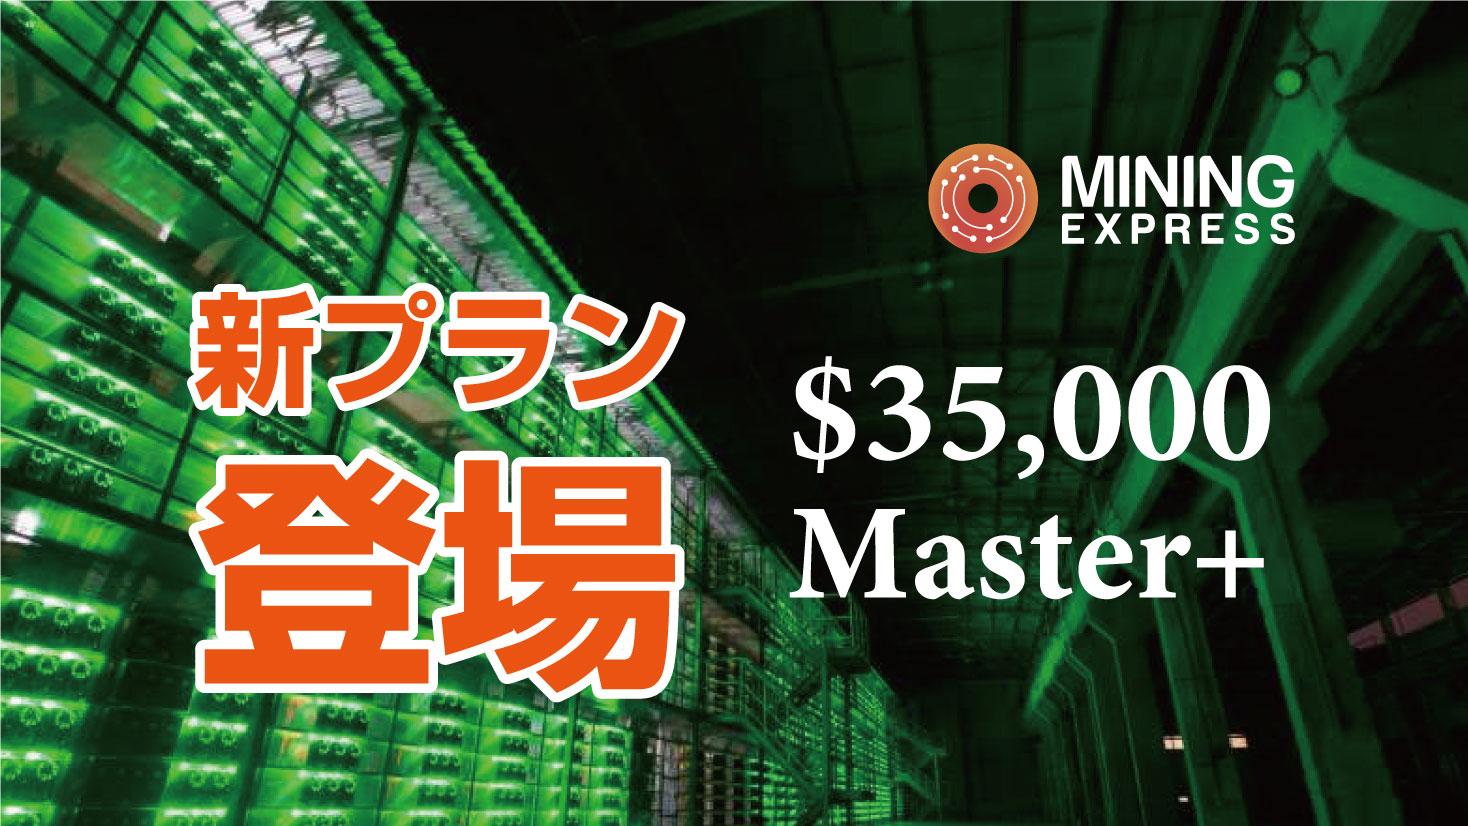 待望の新プラン【マスタープラス$35,000プラン】が登場、契約満了期間も投資USDの240%までに上昇!